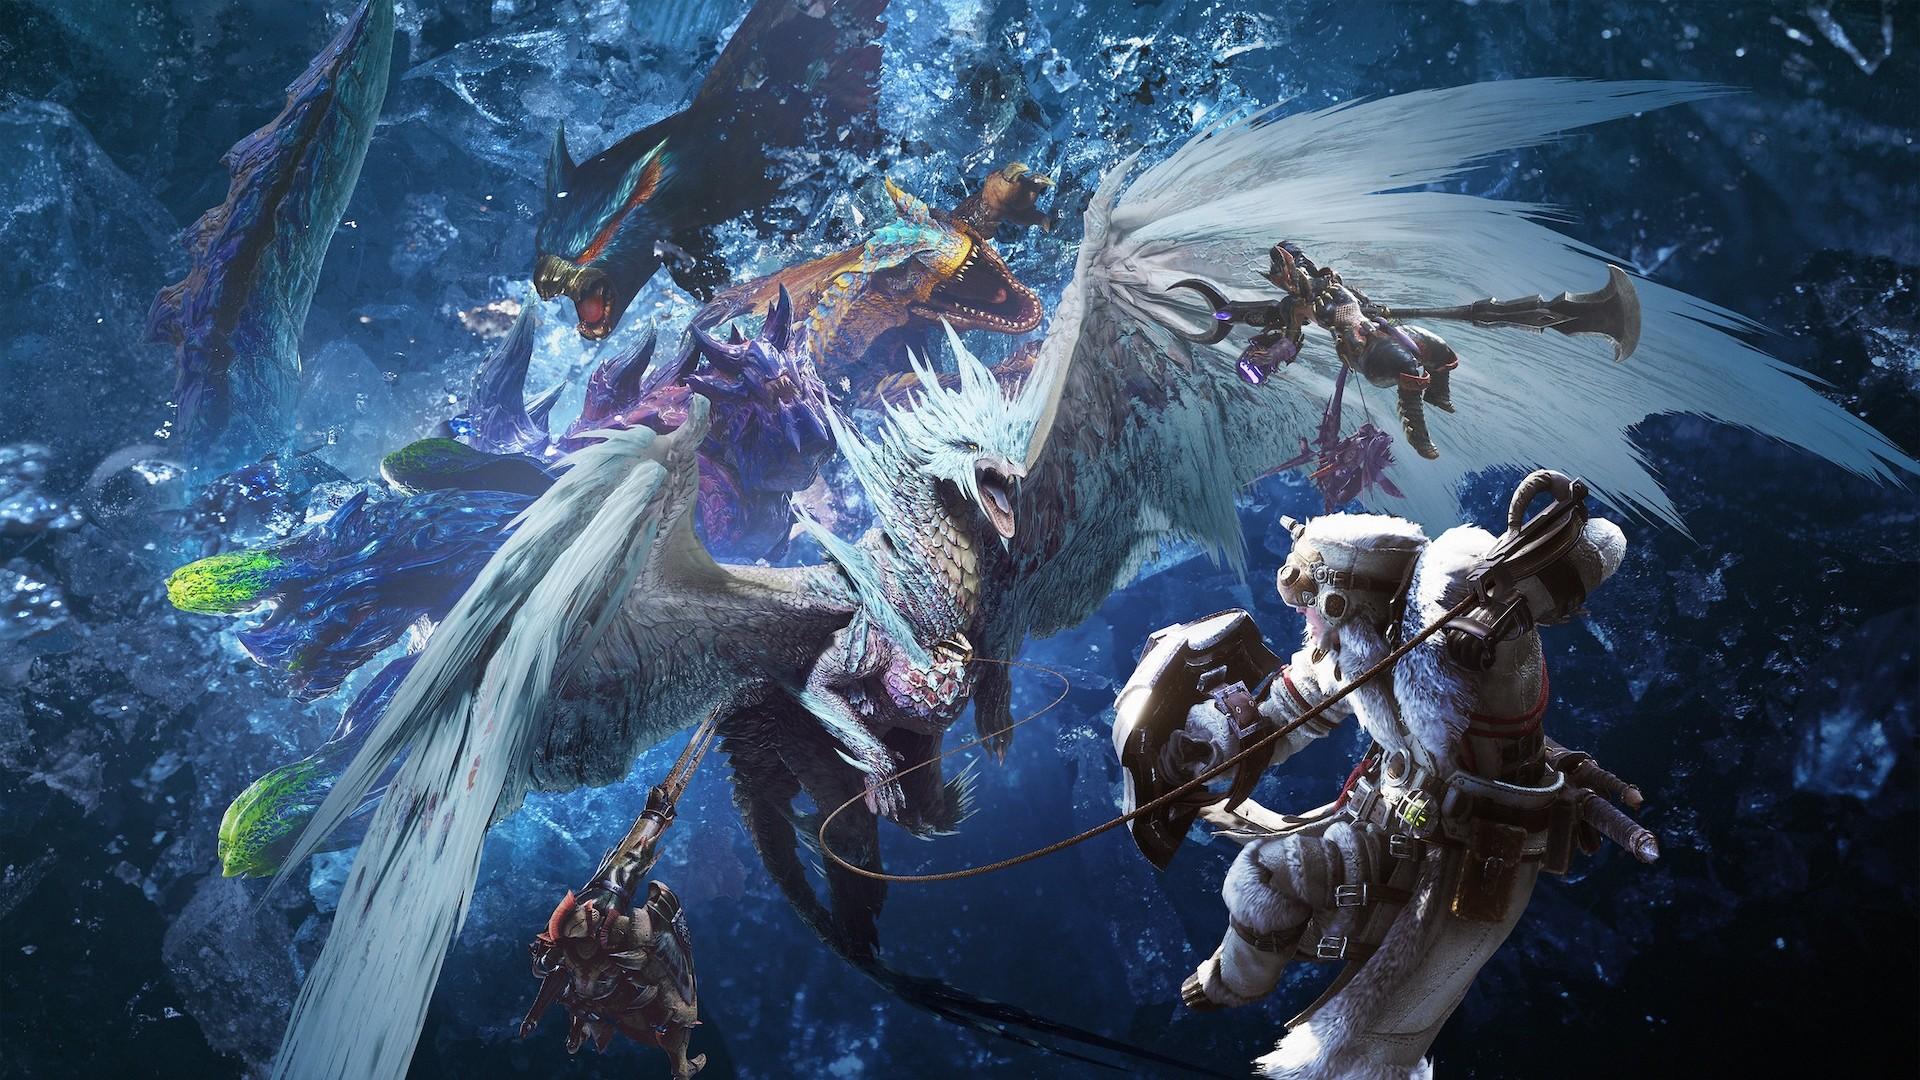 Monster Hunter World Wallpaper and Background